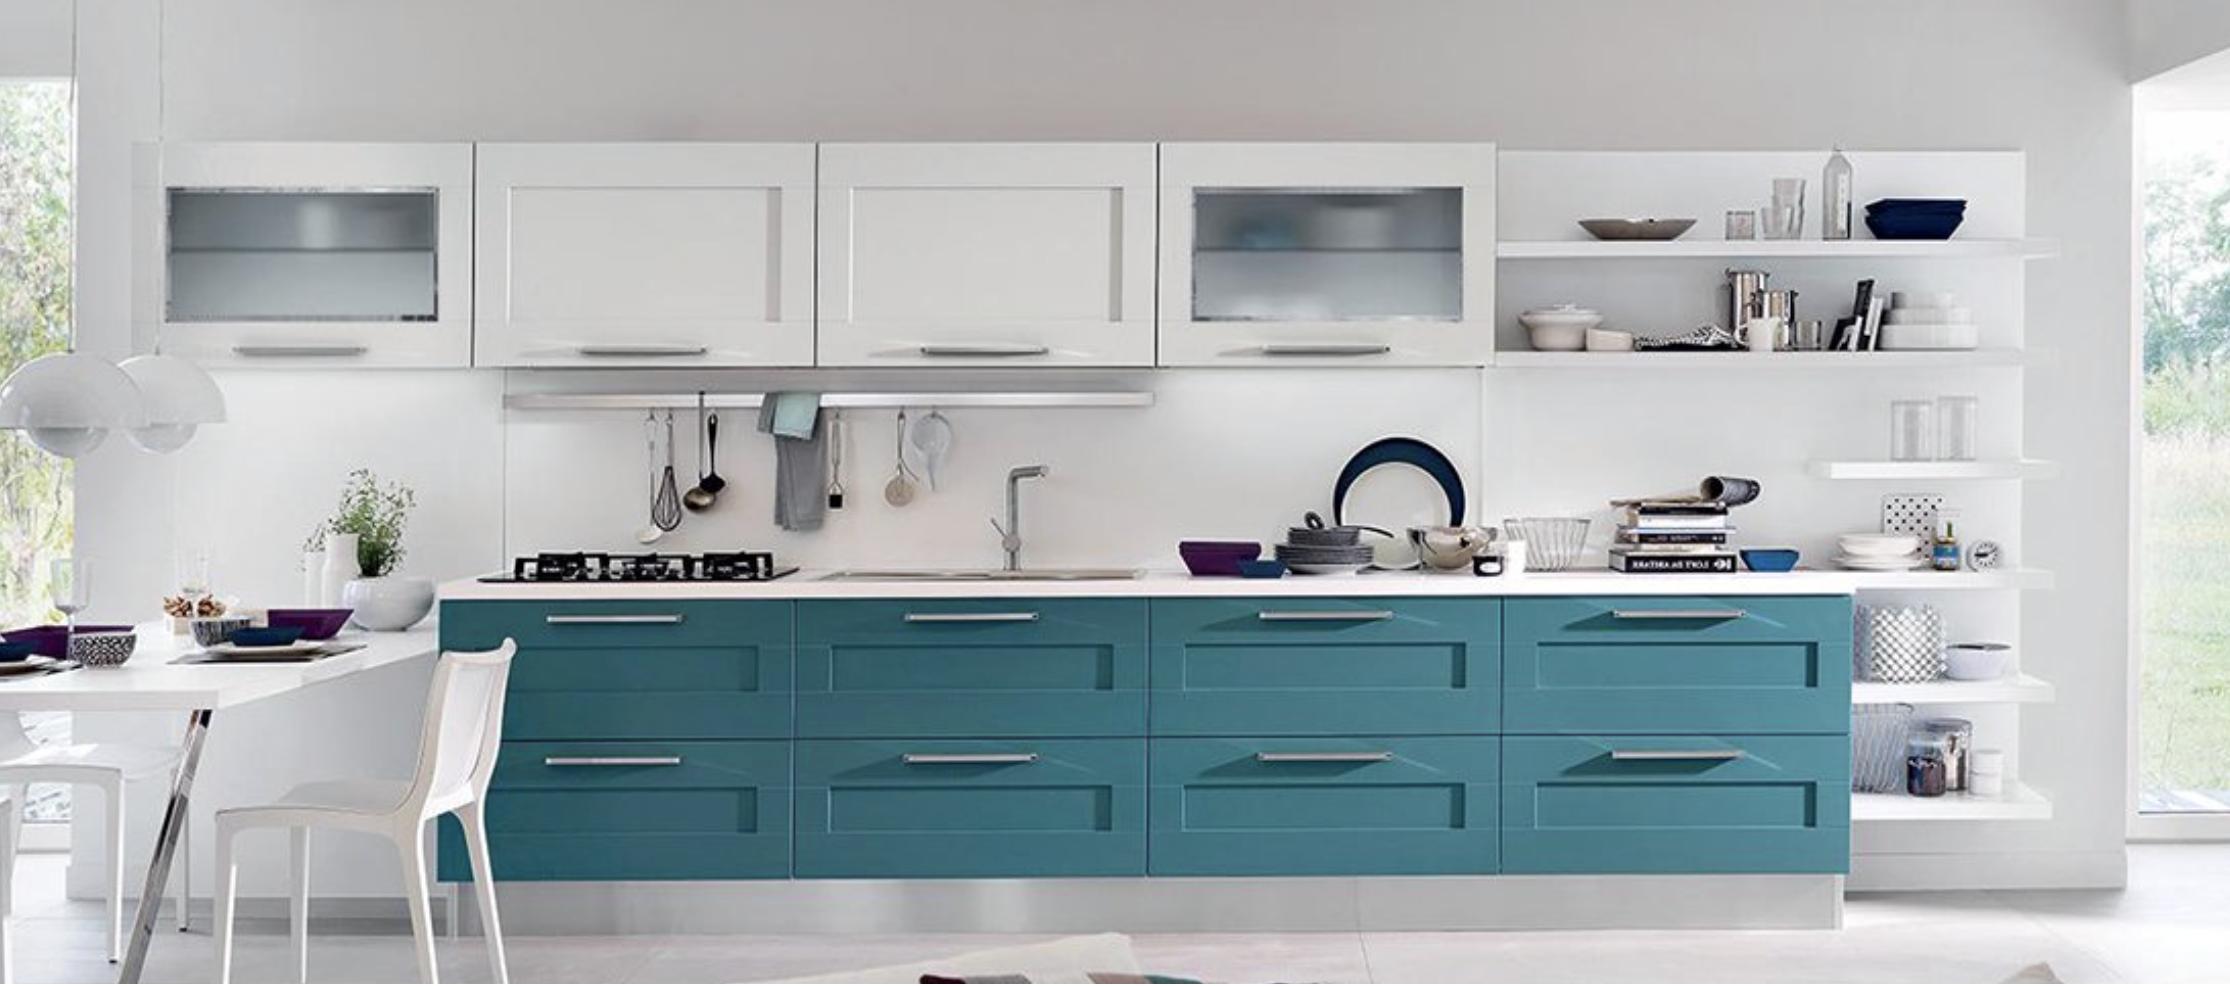 Cucine Moderne Bianche E Grigie Lube.I Migliori Colori Per La Cucina Da Provare Nel 2019 Lube